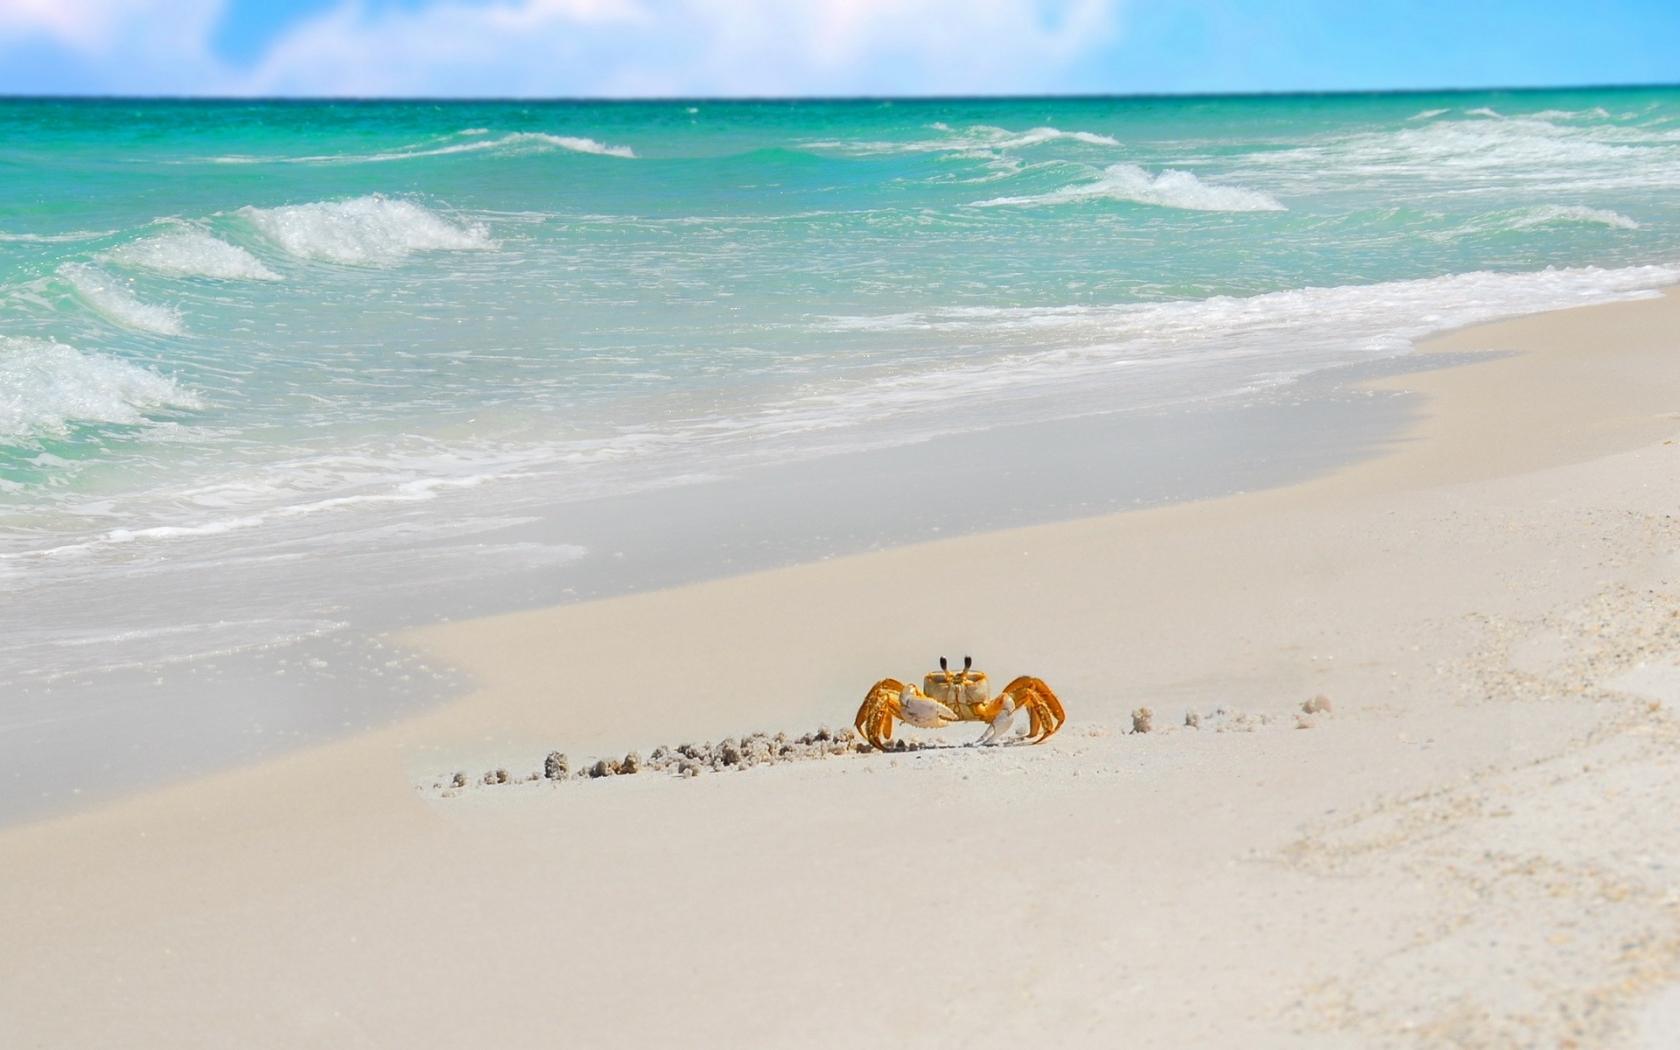 Cangrejo caminando en la playa - 1680x1050